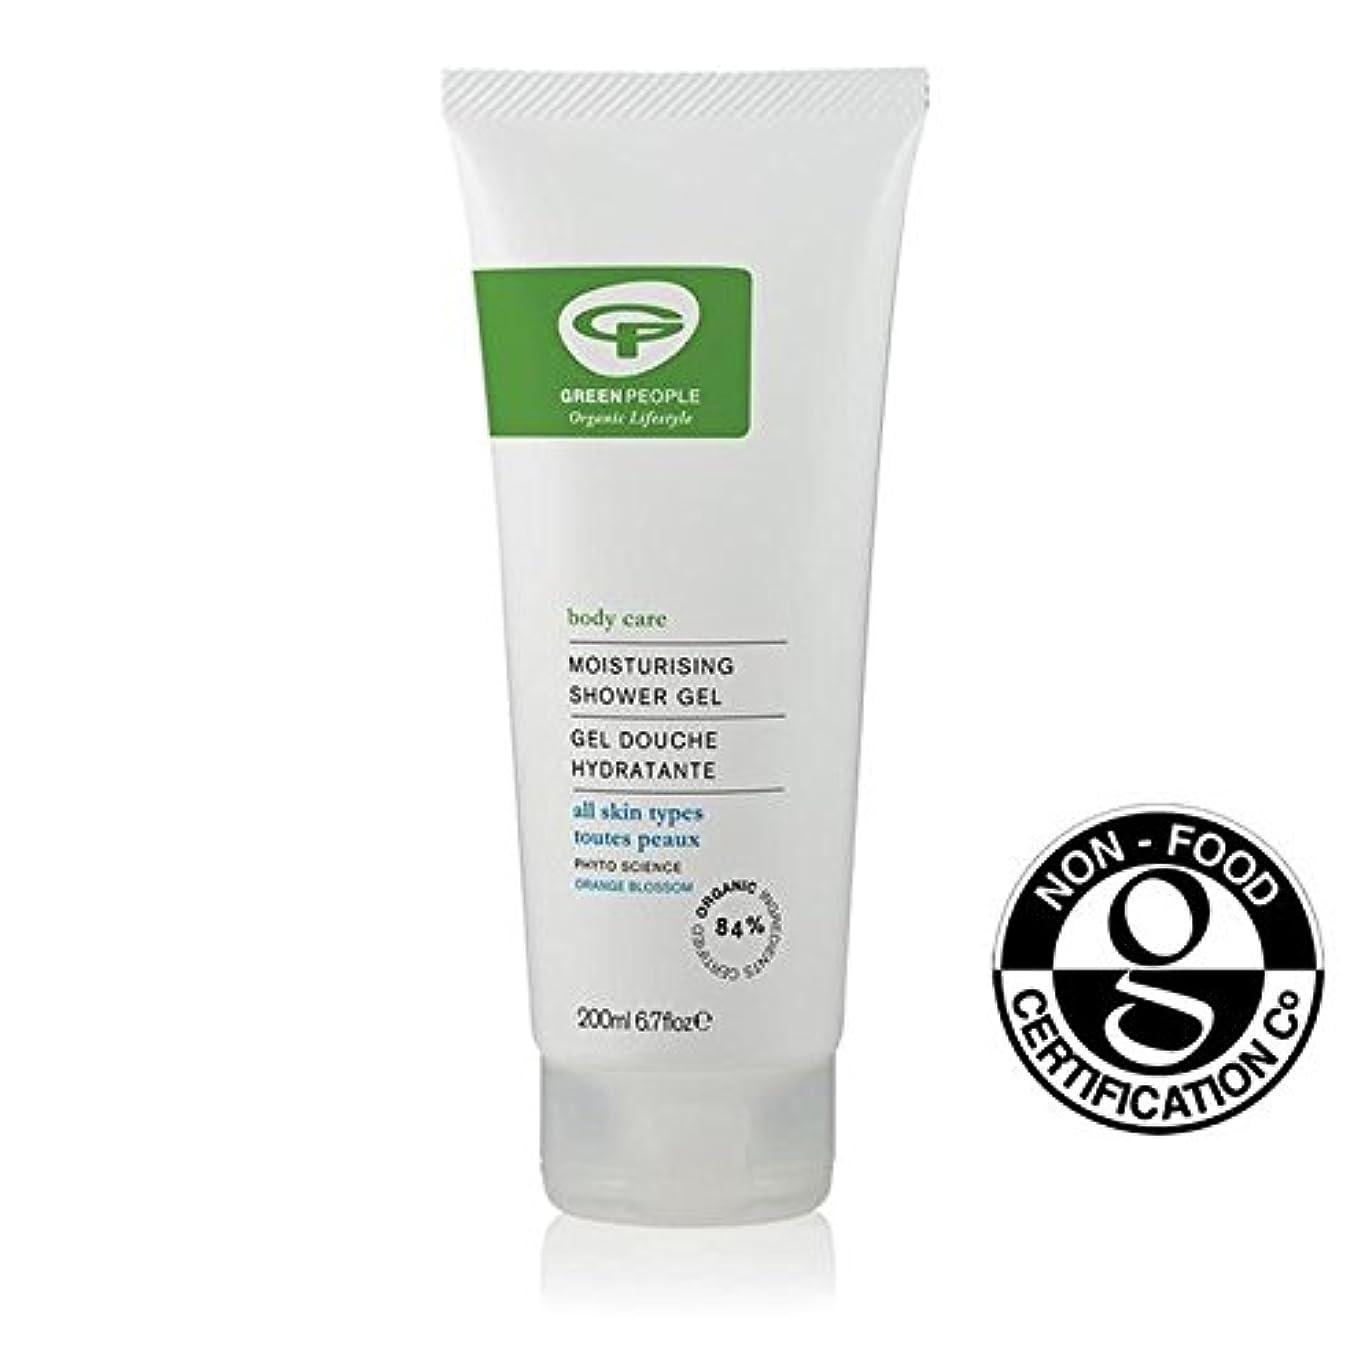 状況縁立場緑の人々の有機保湿シャワージェル200 x2 - Green People Organic Moisturising Shower Gel 200ml (Pack of 2) [並行輸入品]